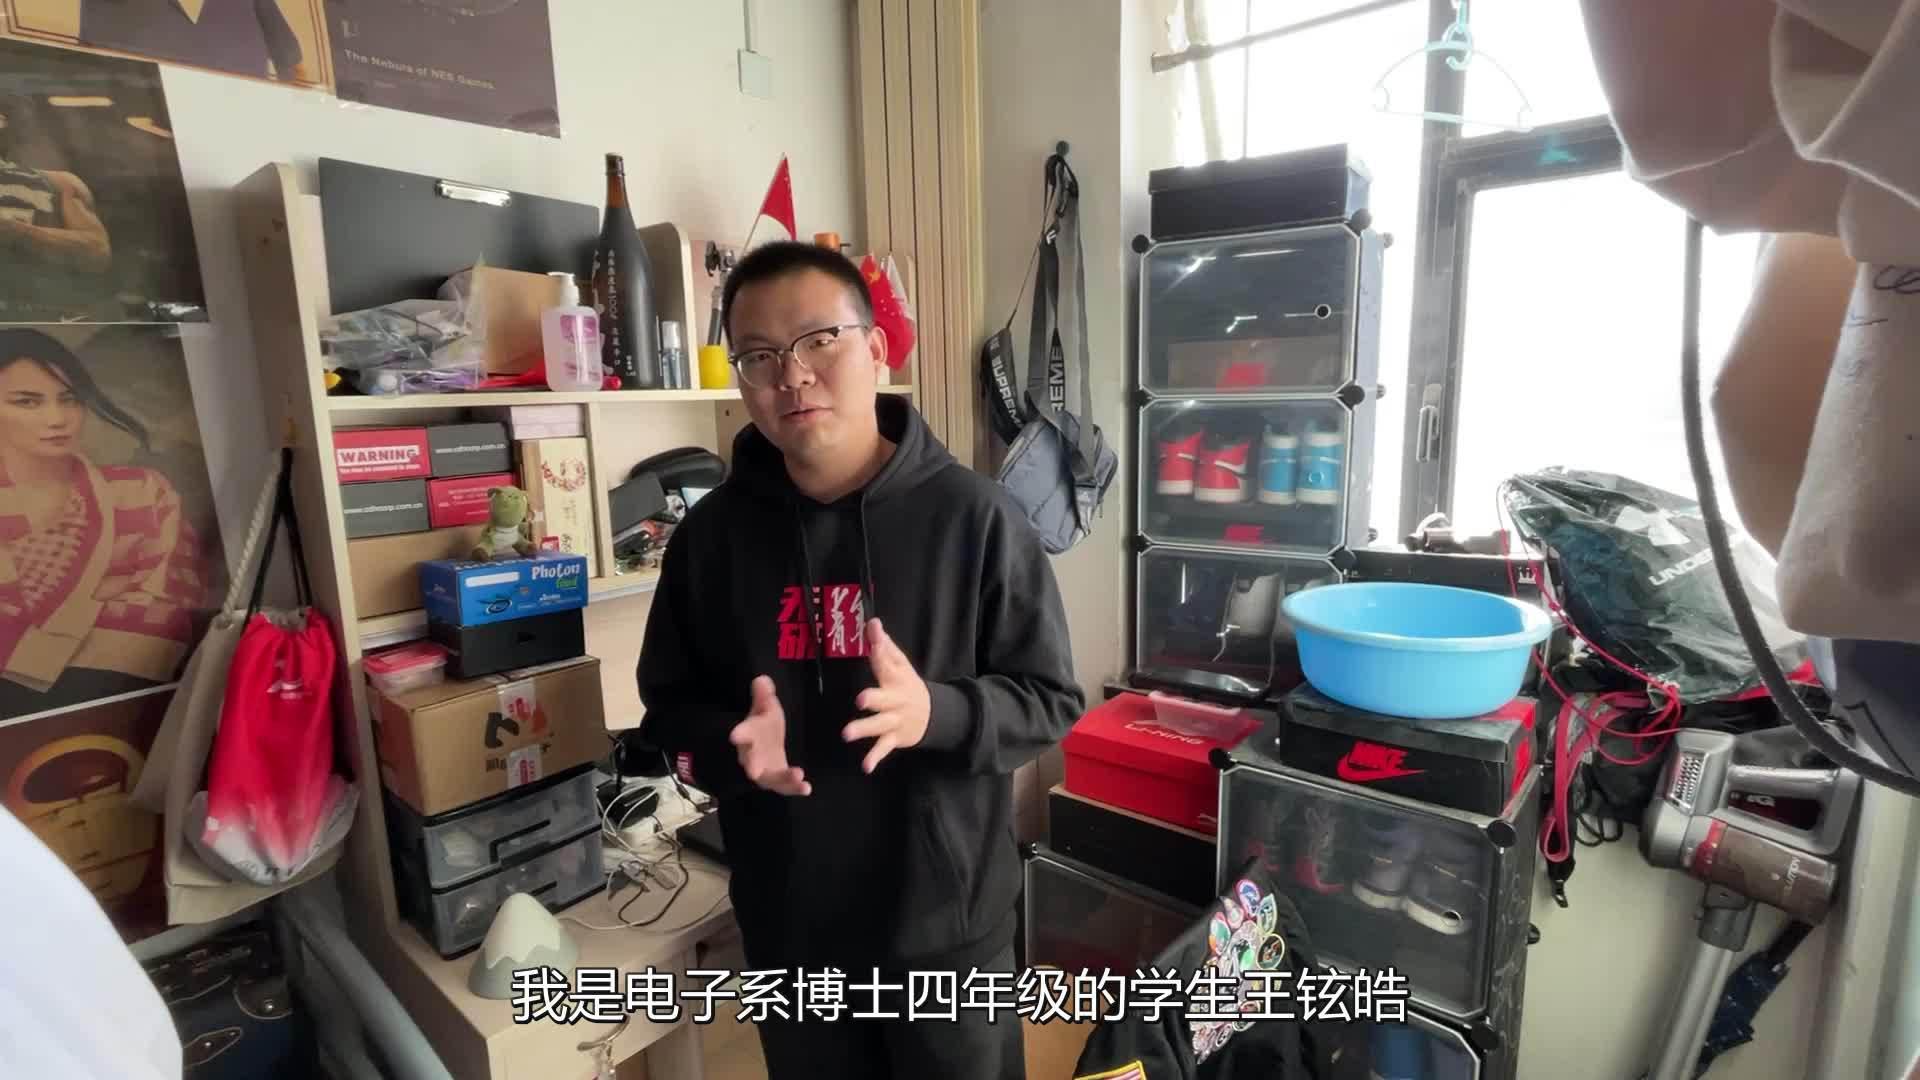 清华大学里有个贝壳大王